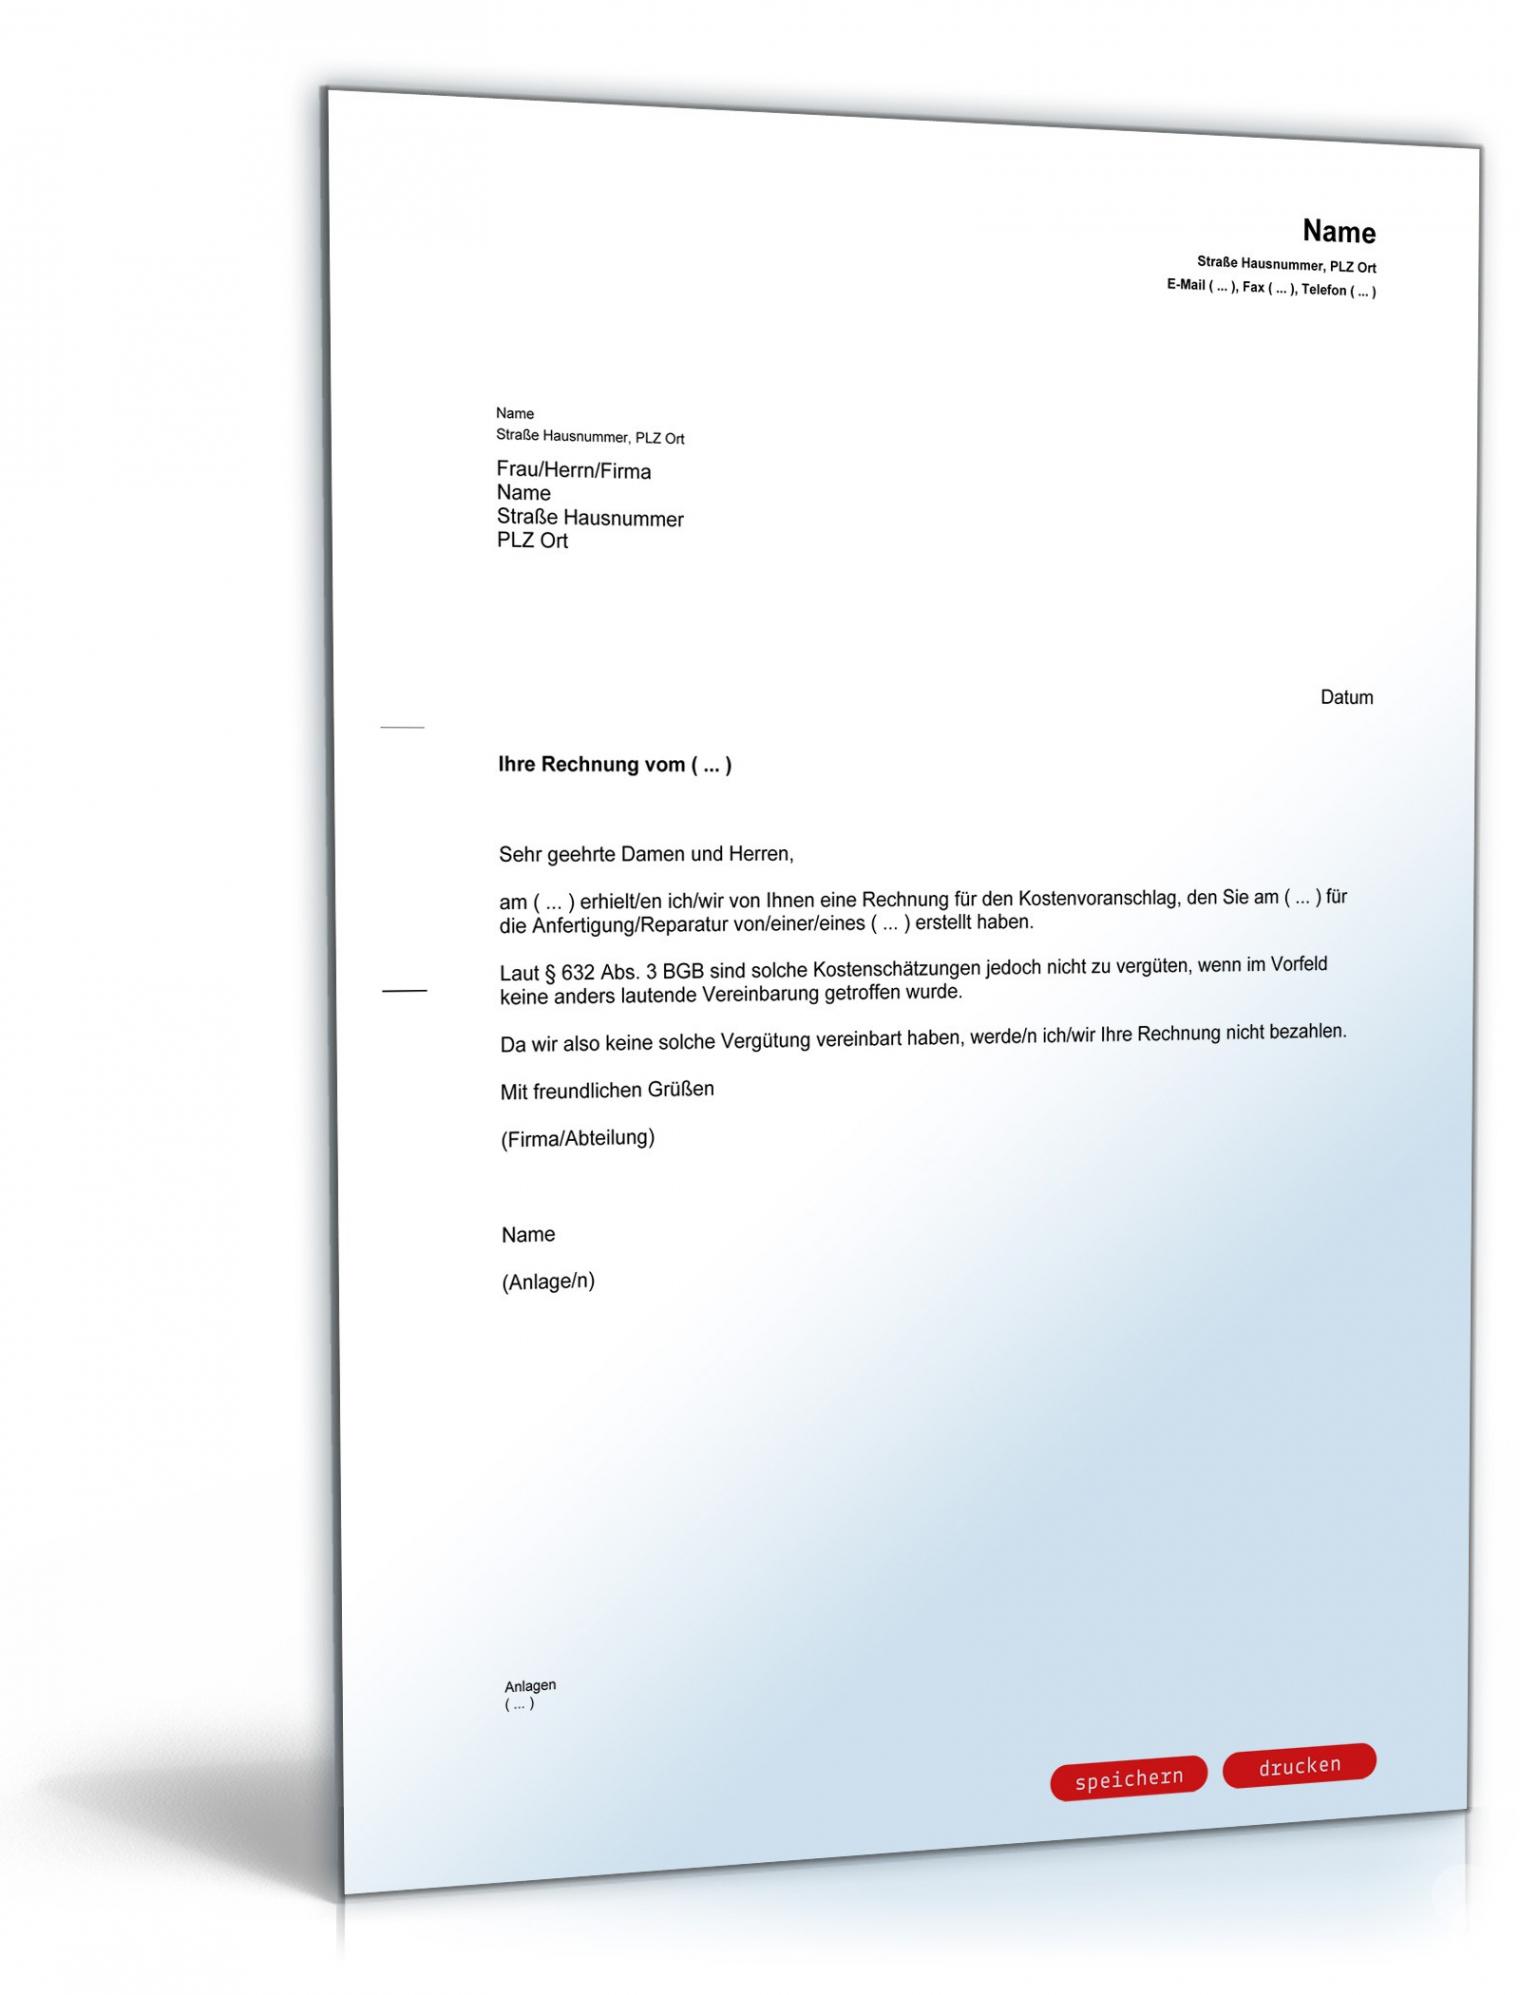 bearbeitbar von zurückweisung rechnung kostenvoranschlag  muster zum download widerspruch rechnung vorlage